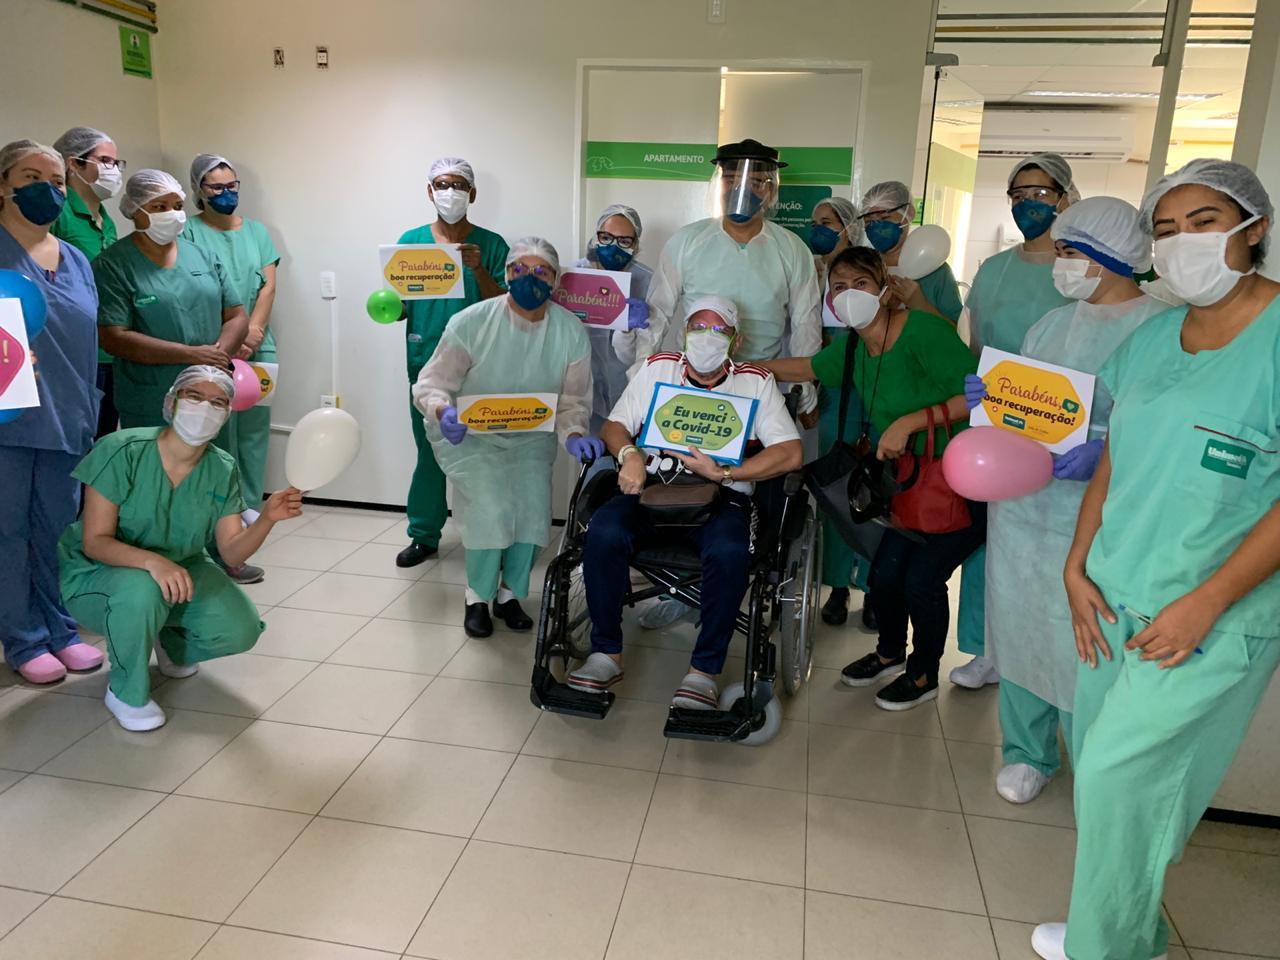 Médico curado da covid-19 recebe alta do Hospital Unimed Primavera - Imagem 1